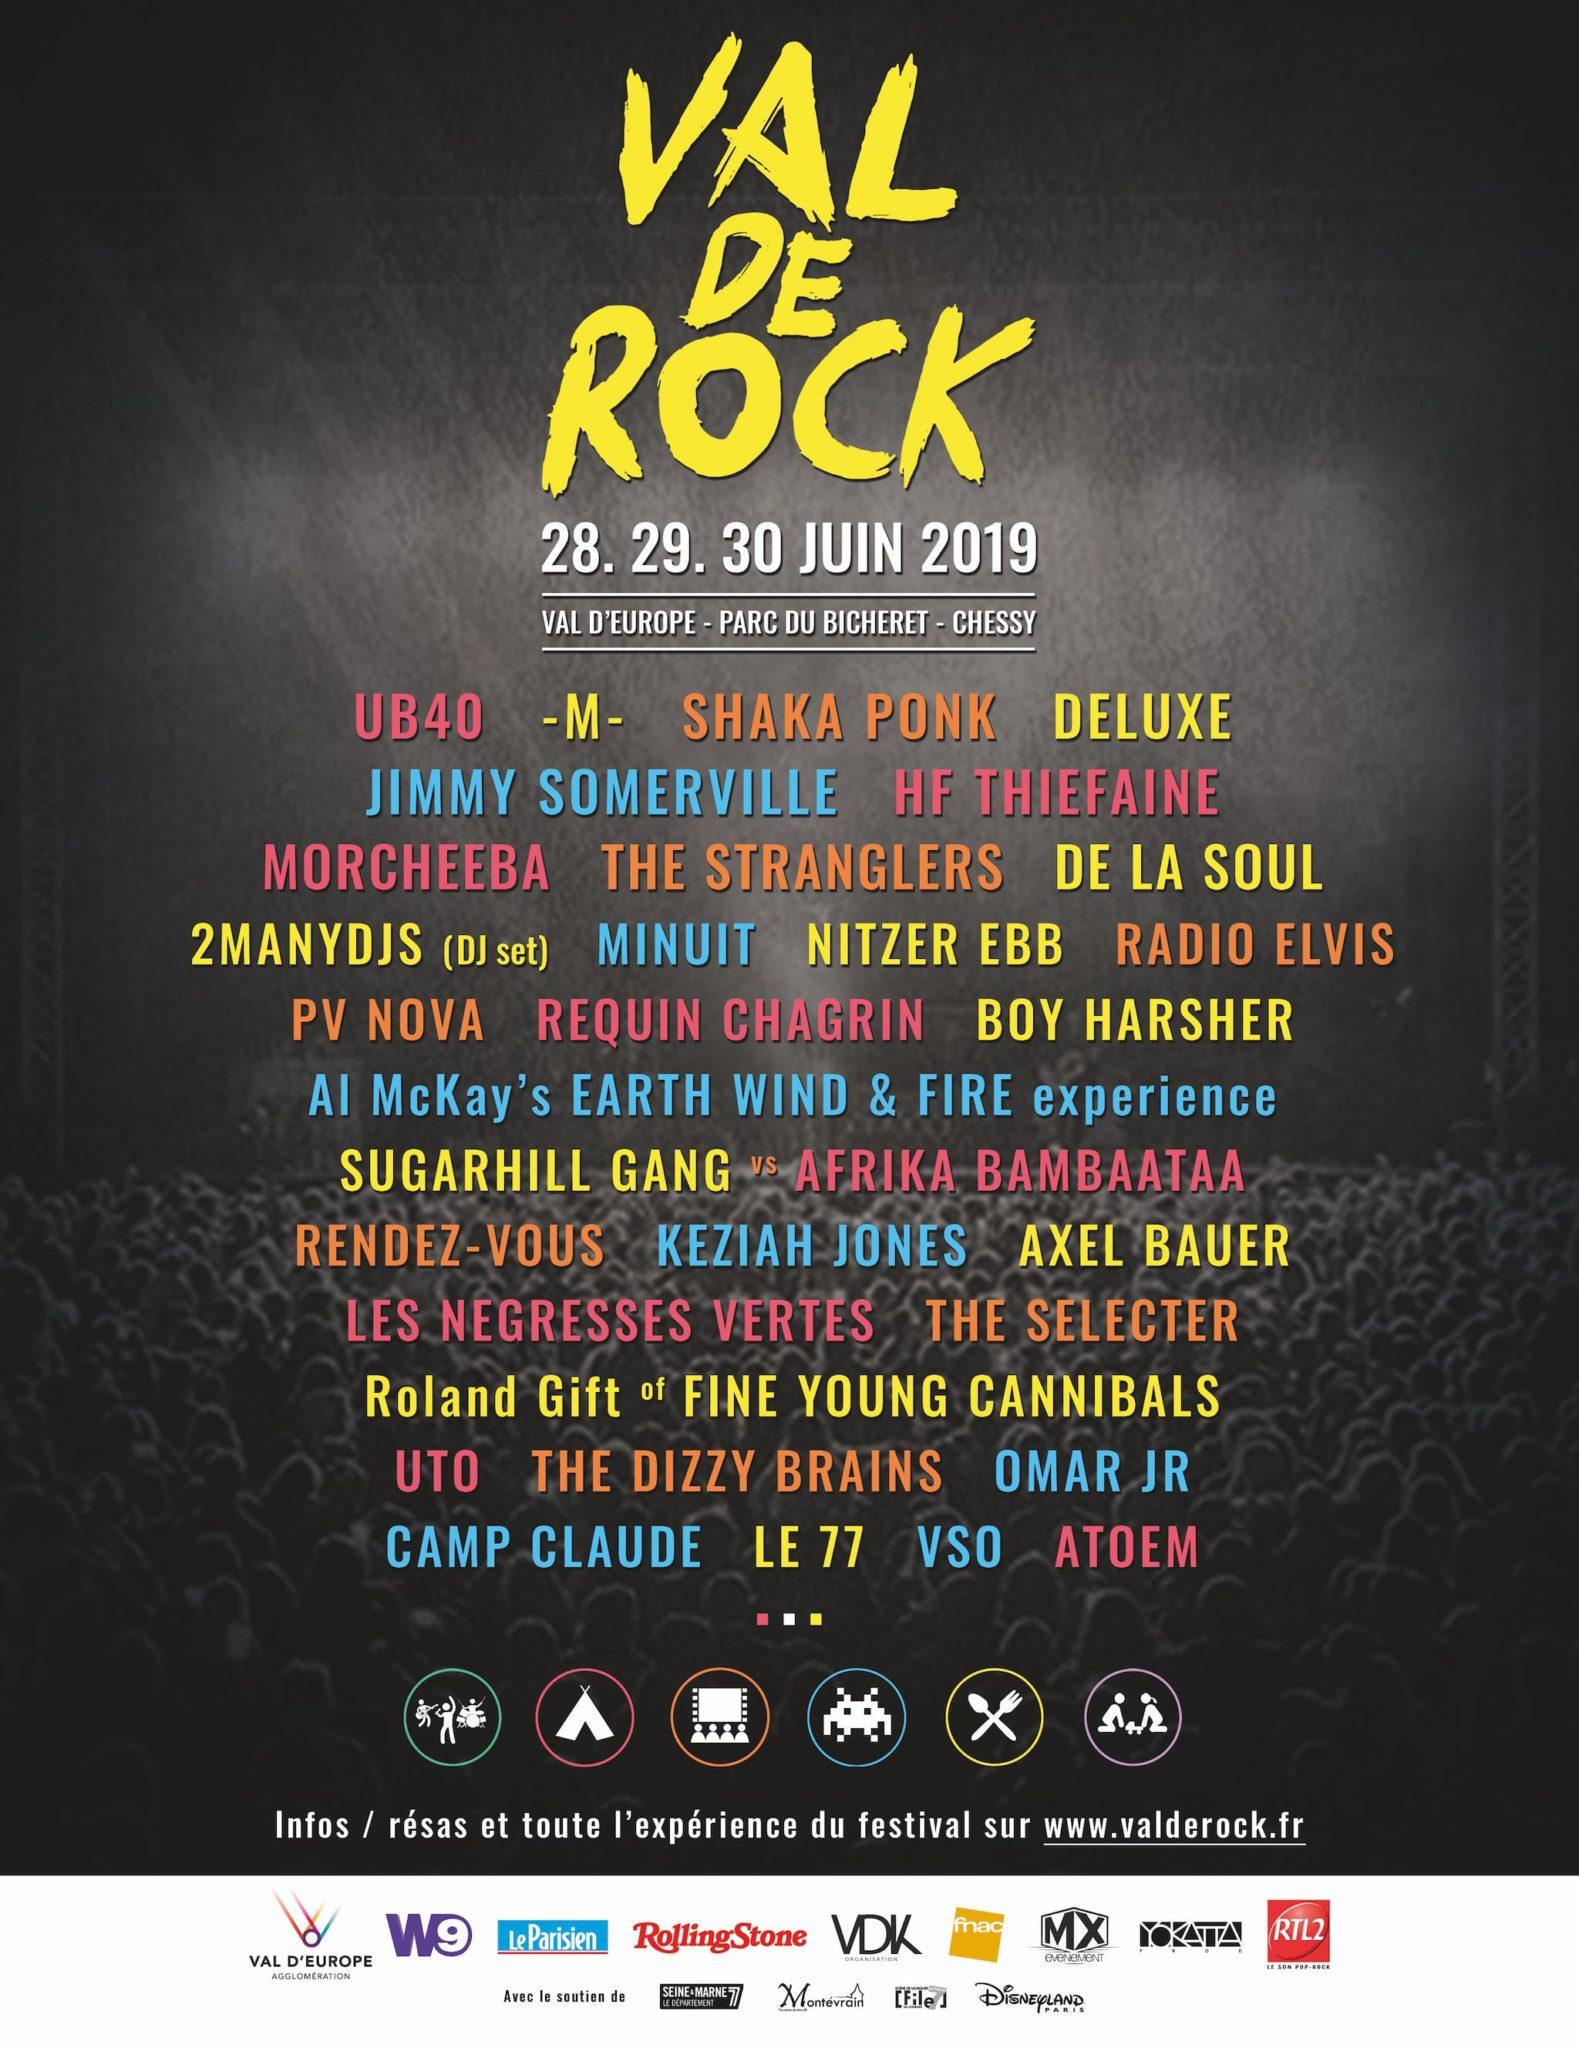 VAL DE ROCK 2019 Affiche musique